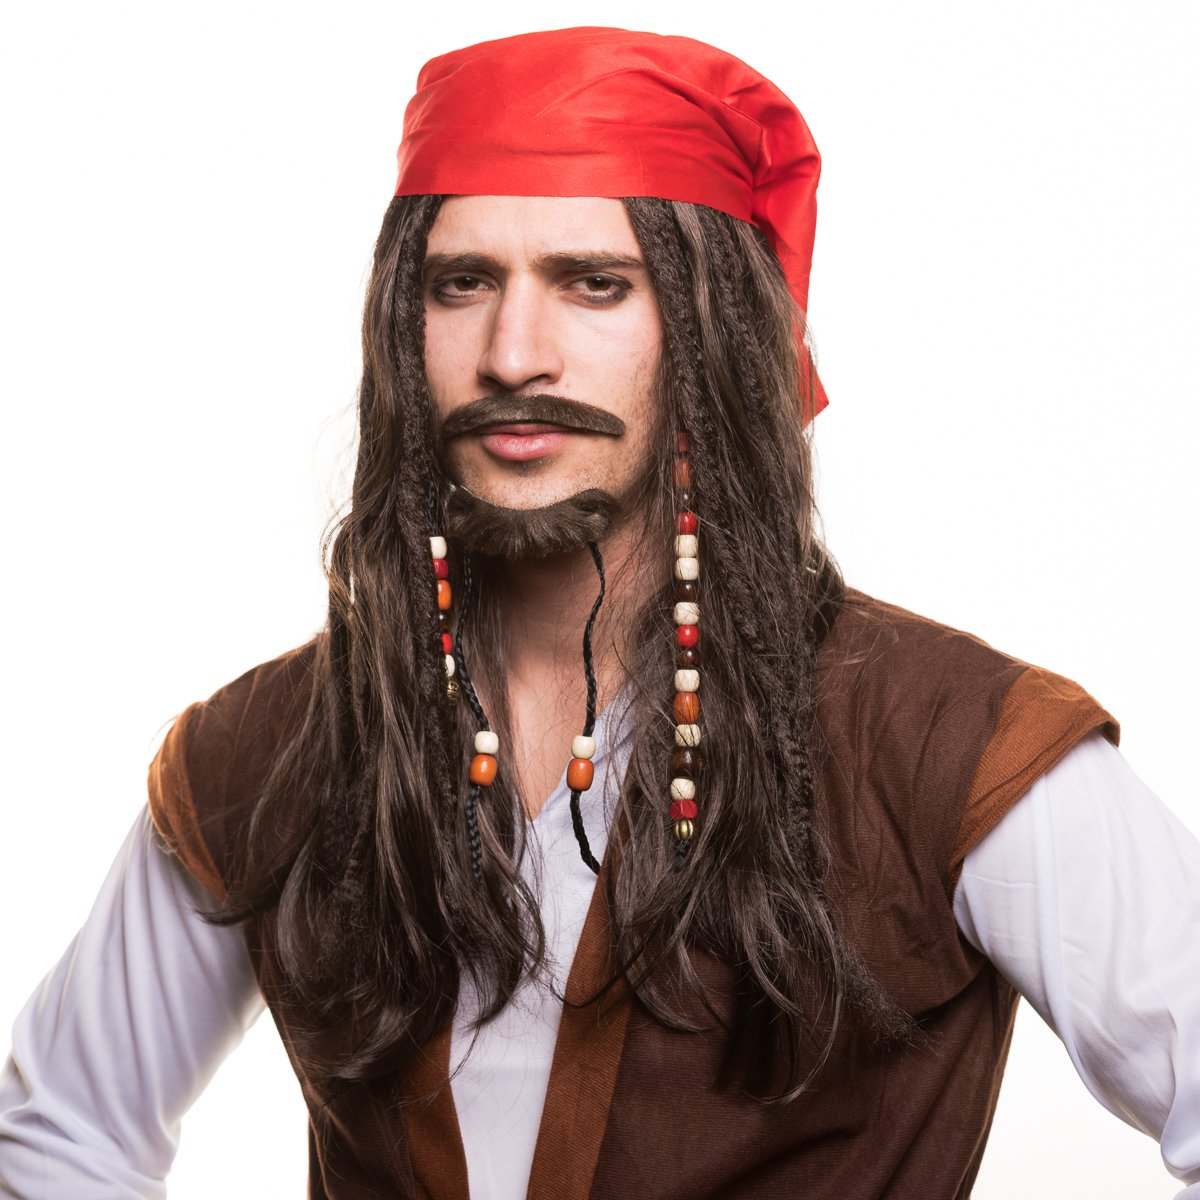 Piratas Pirata Peluca Peluca de pirata con perlas und rojo Pañuelo para la perfecto Disfraz de pirata zum Carnaval y el carnaval: Amazon.es: Juguetes y ...